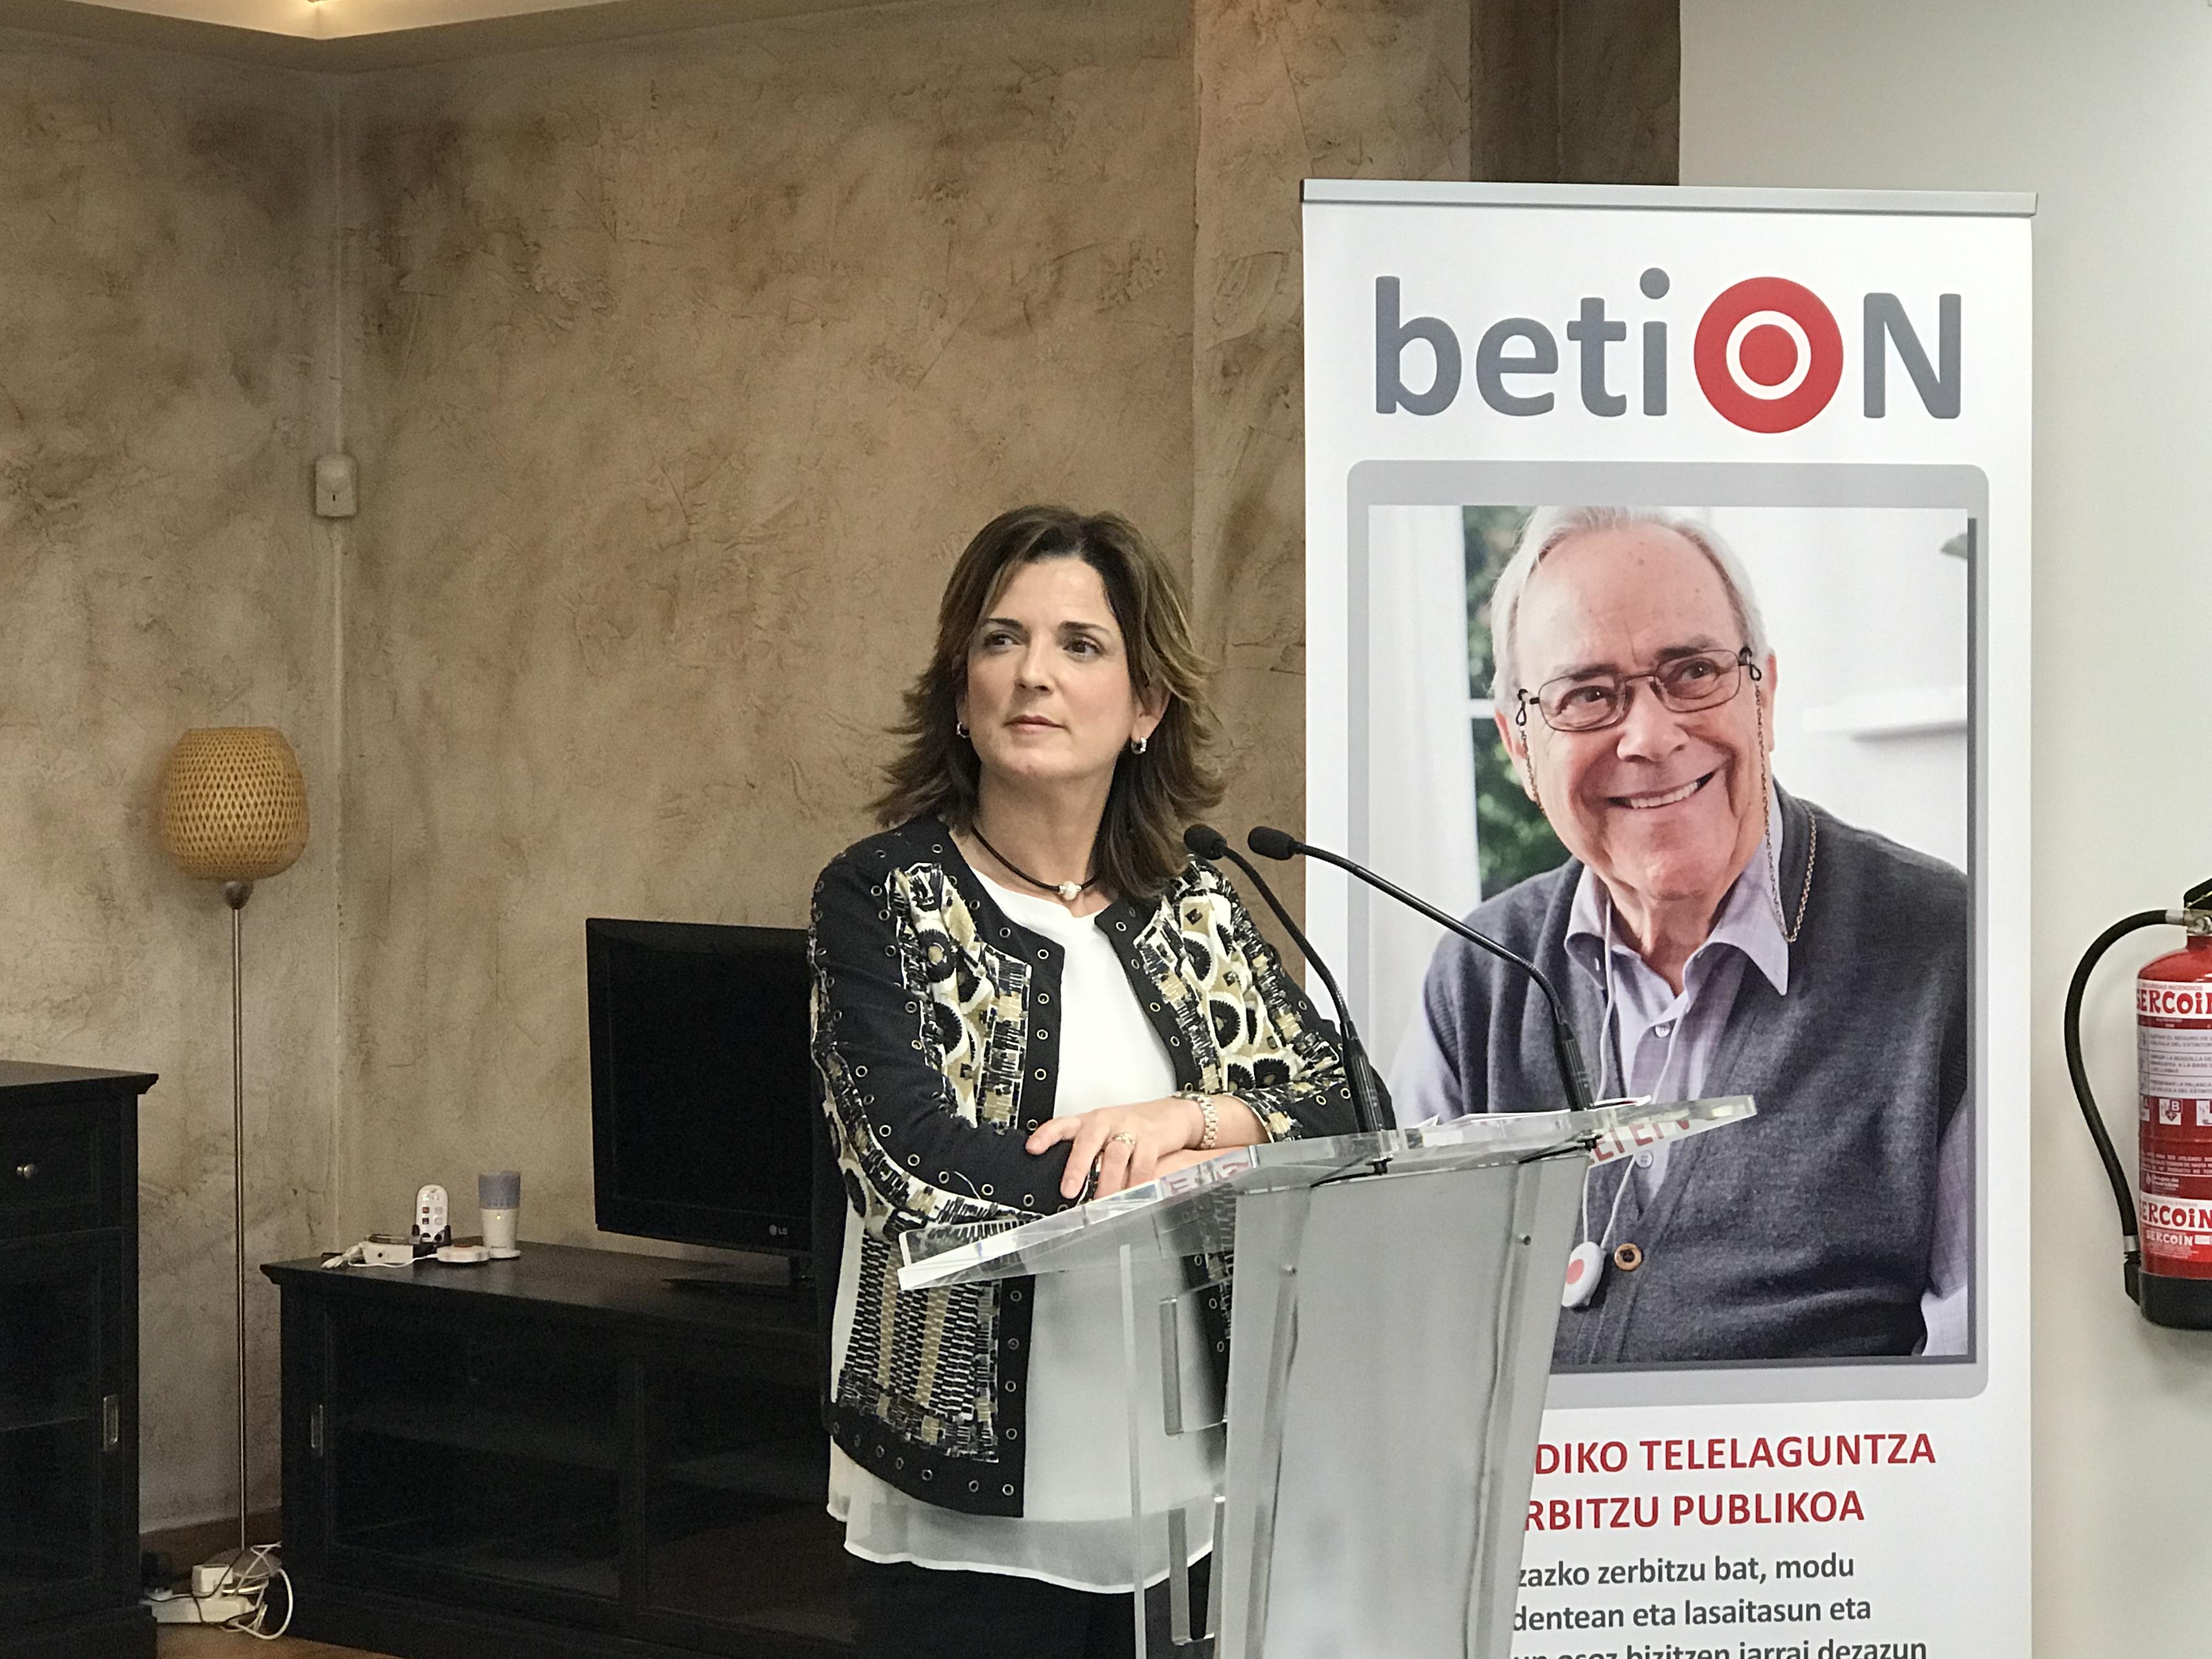 """Beatriz Artolazabal: """"betiON teleasistentzia zerbitzuak 50.000 erabiltzaile baino gehiago izan ditu eta pertsonalizazioan oinarritzen den ereduaren aldeko apustua egiten du"""""""